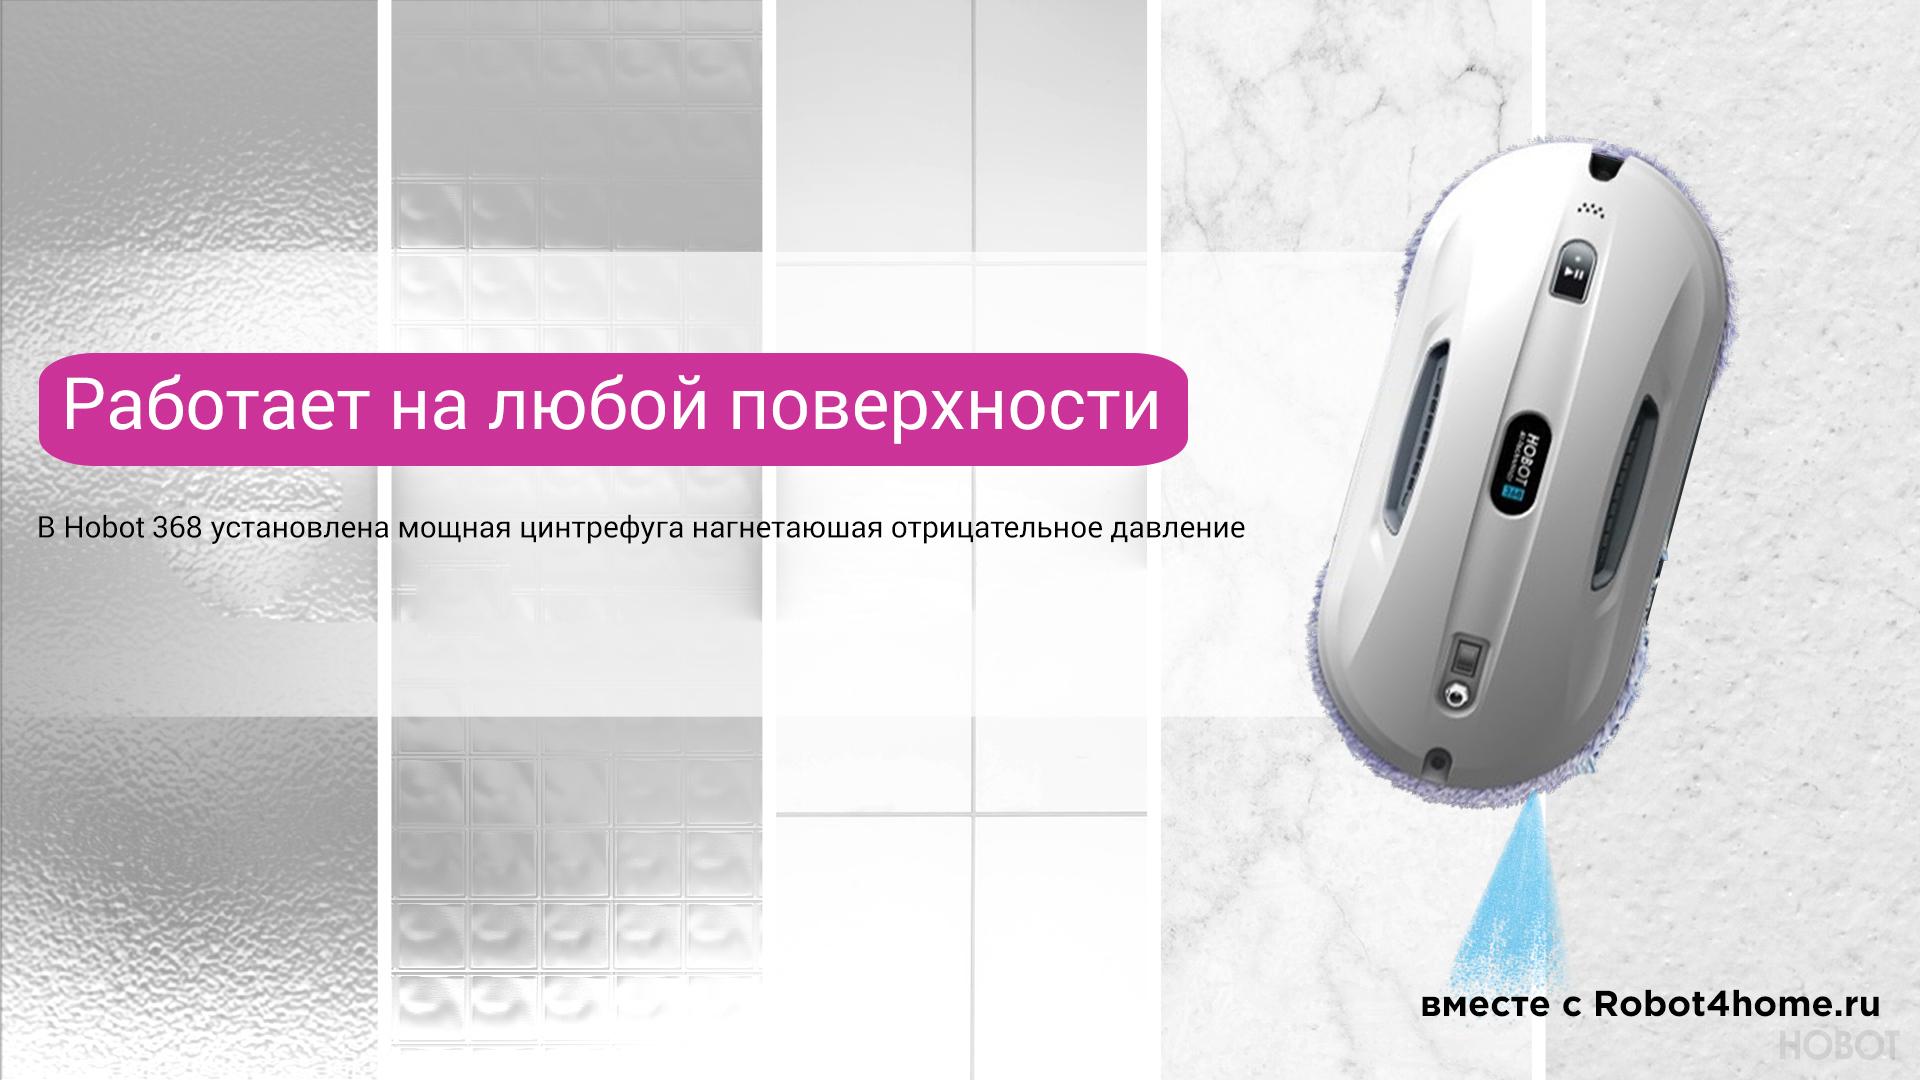 Робот мойщик окон Hobot-368 Ultrasonic robot4home.ru